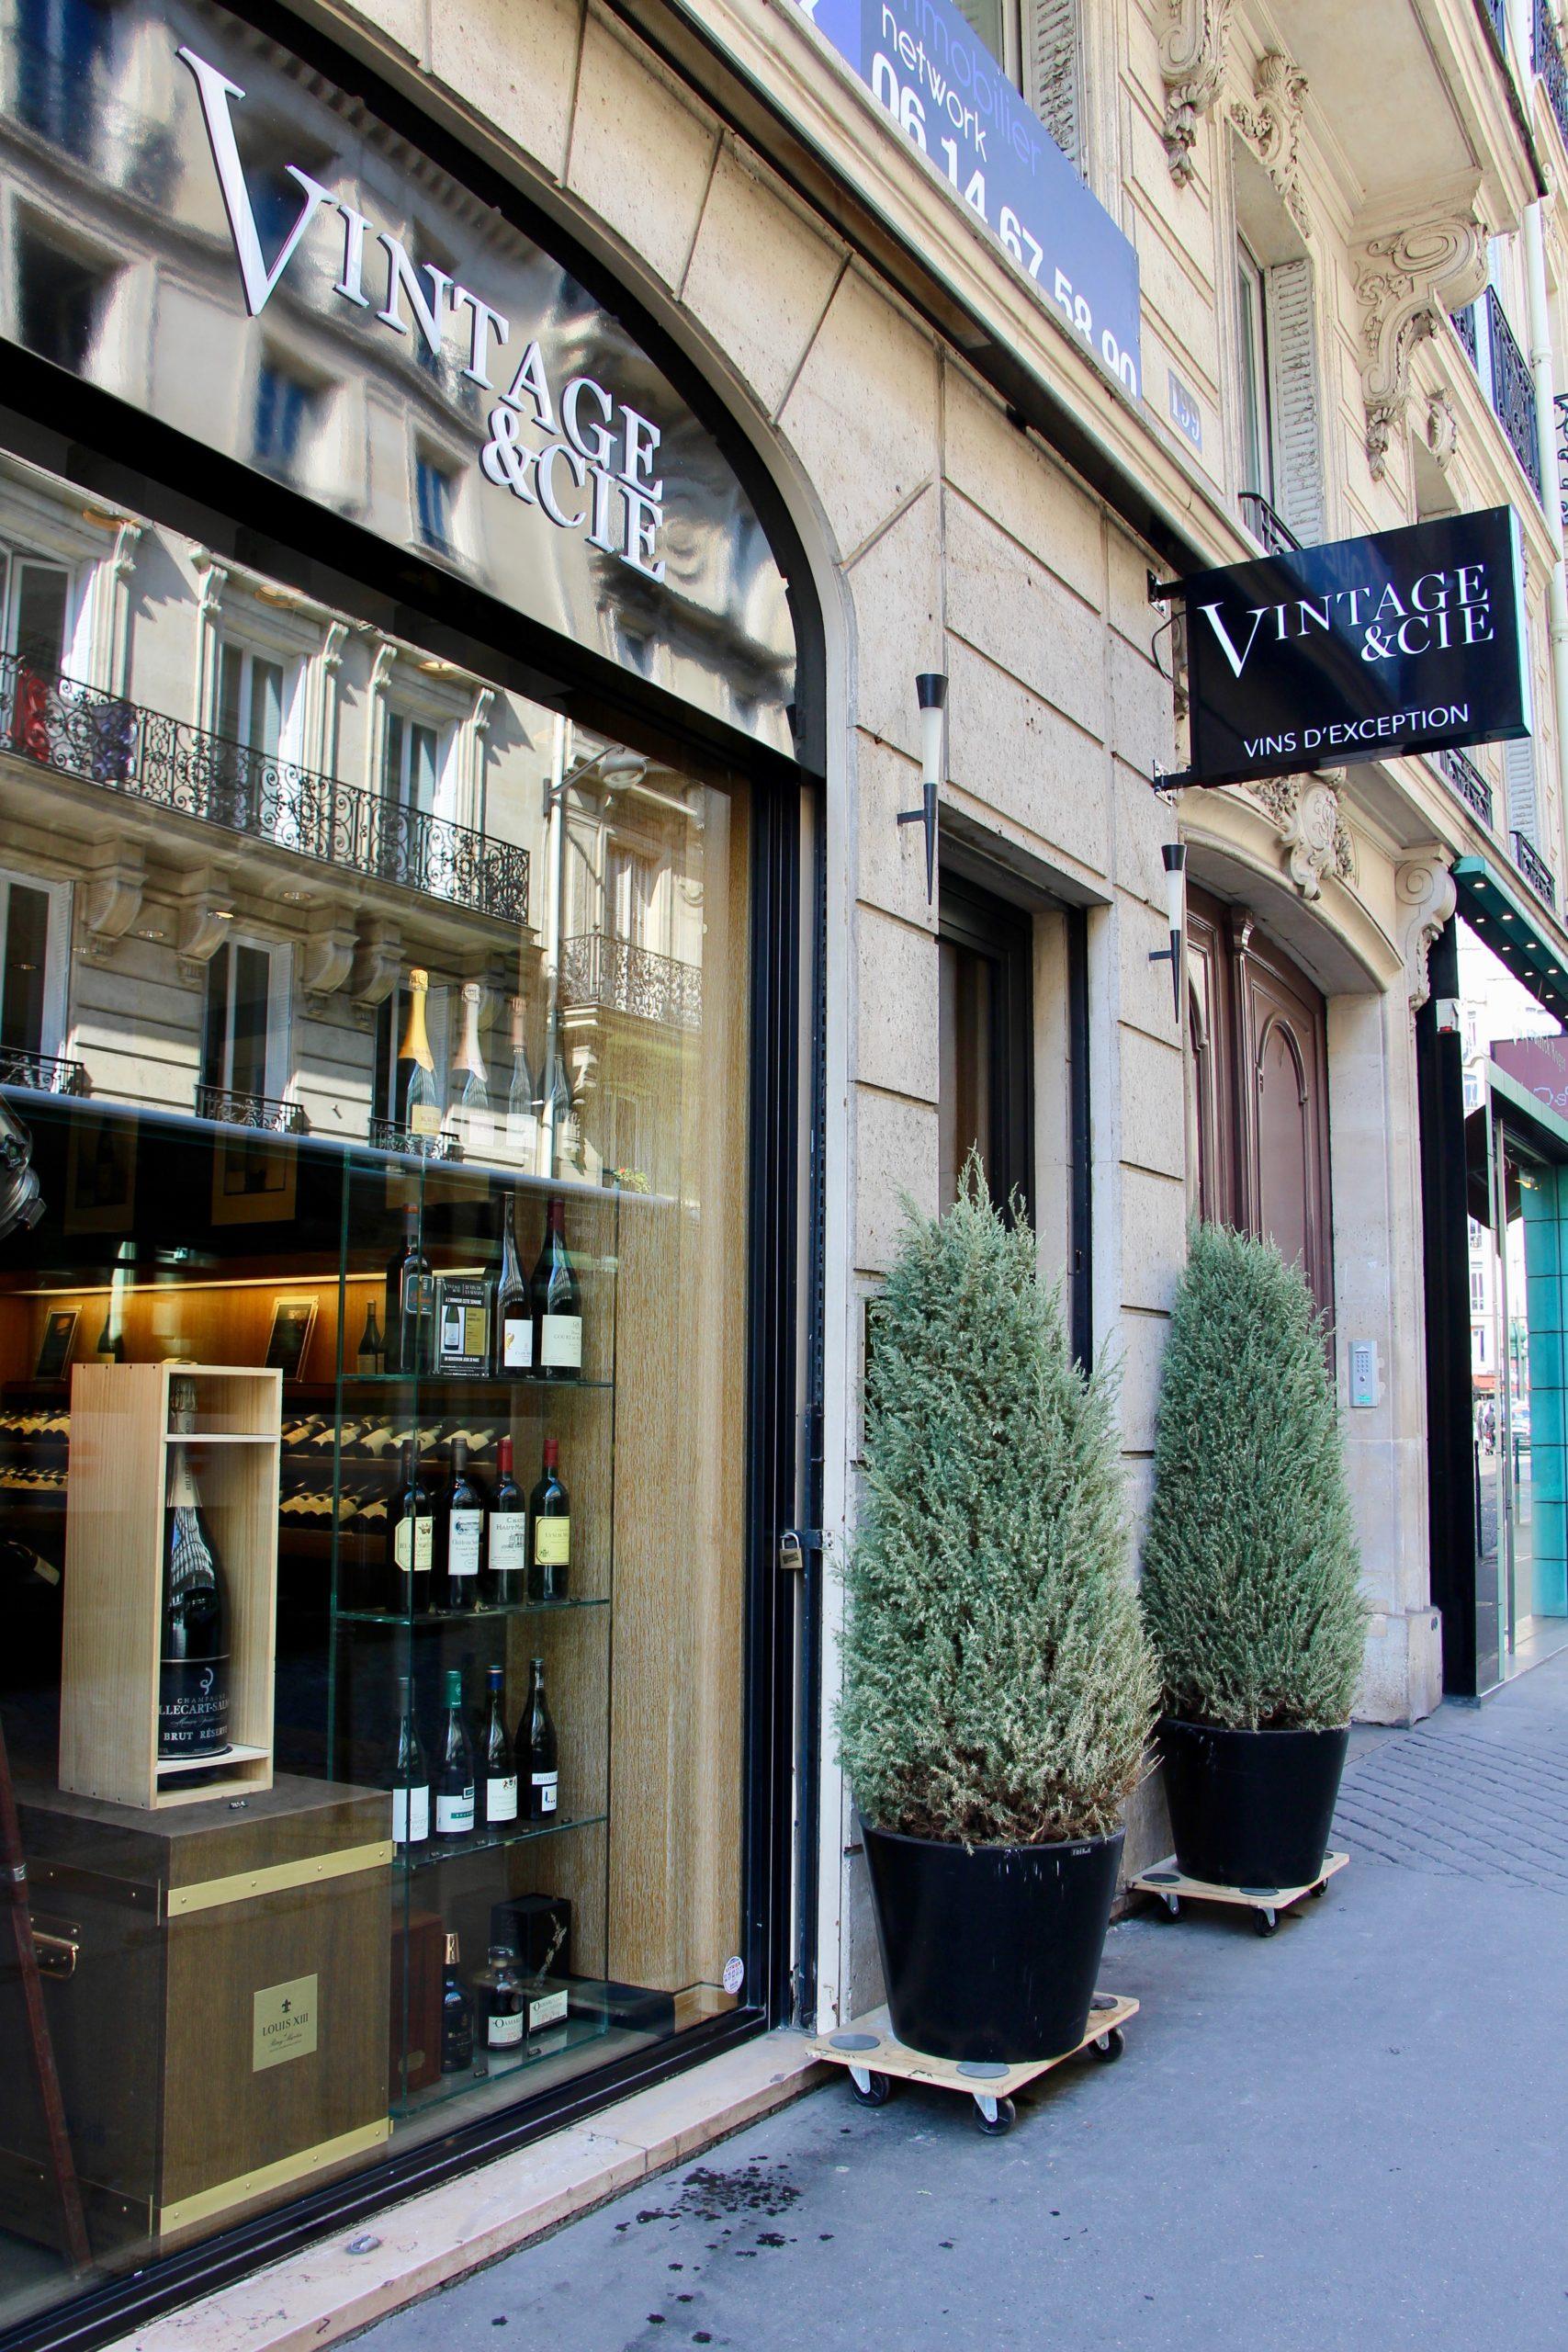 Vintage & Cie, Vins d'Exception – Paris 8 ème